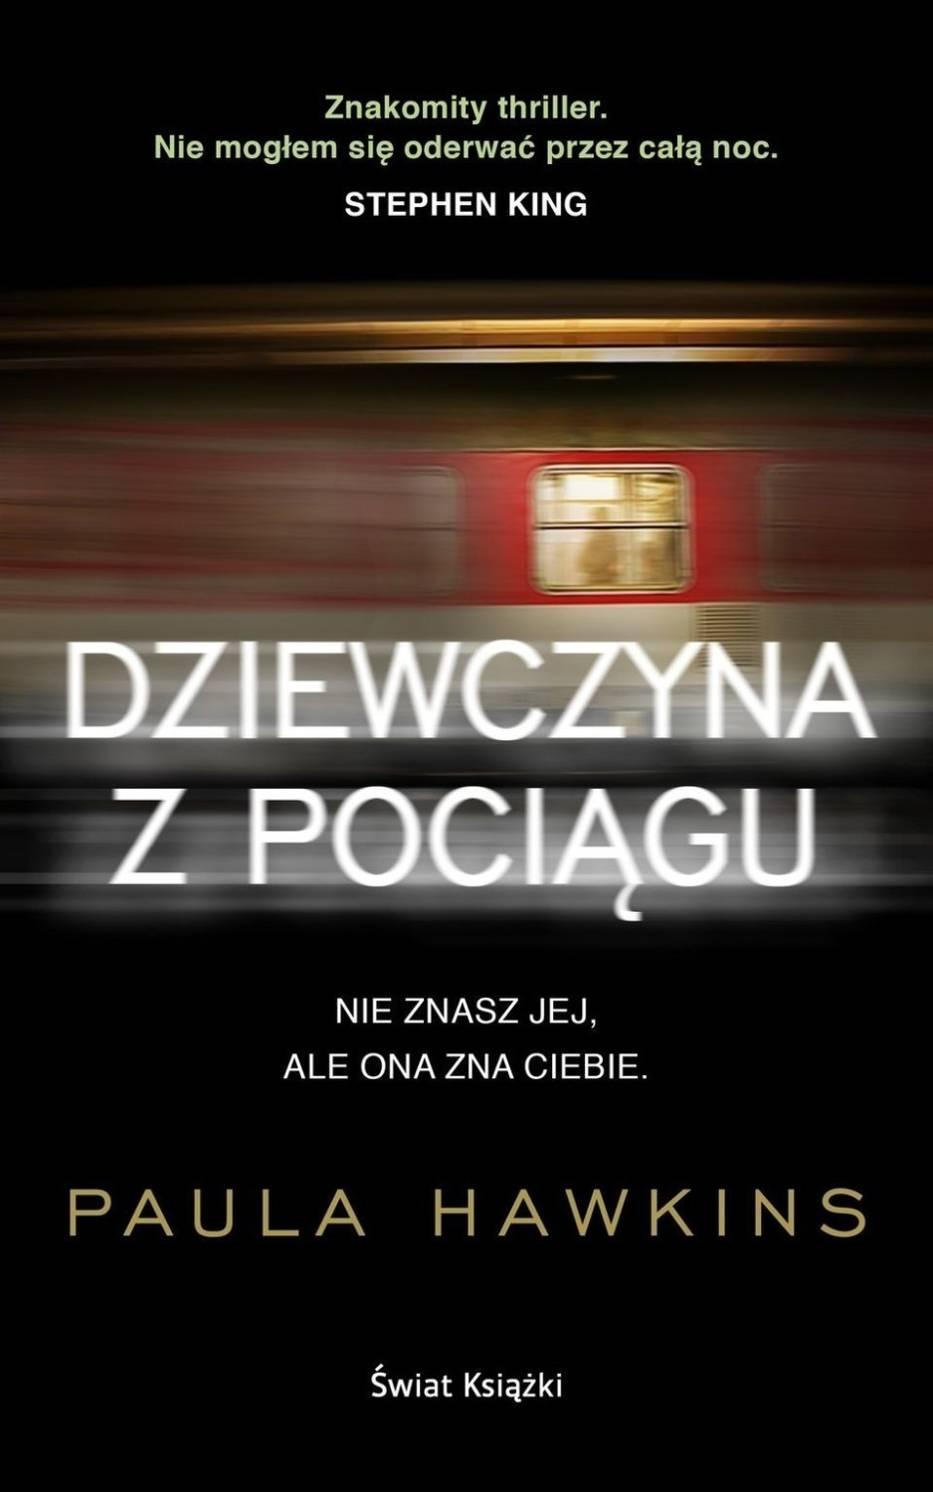 Okładka polskiego wydania książki Pauli Hawkins